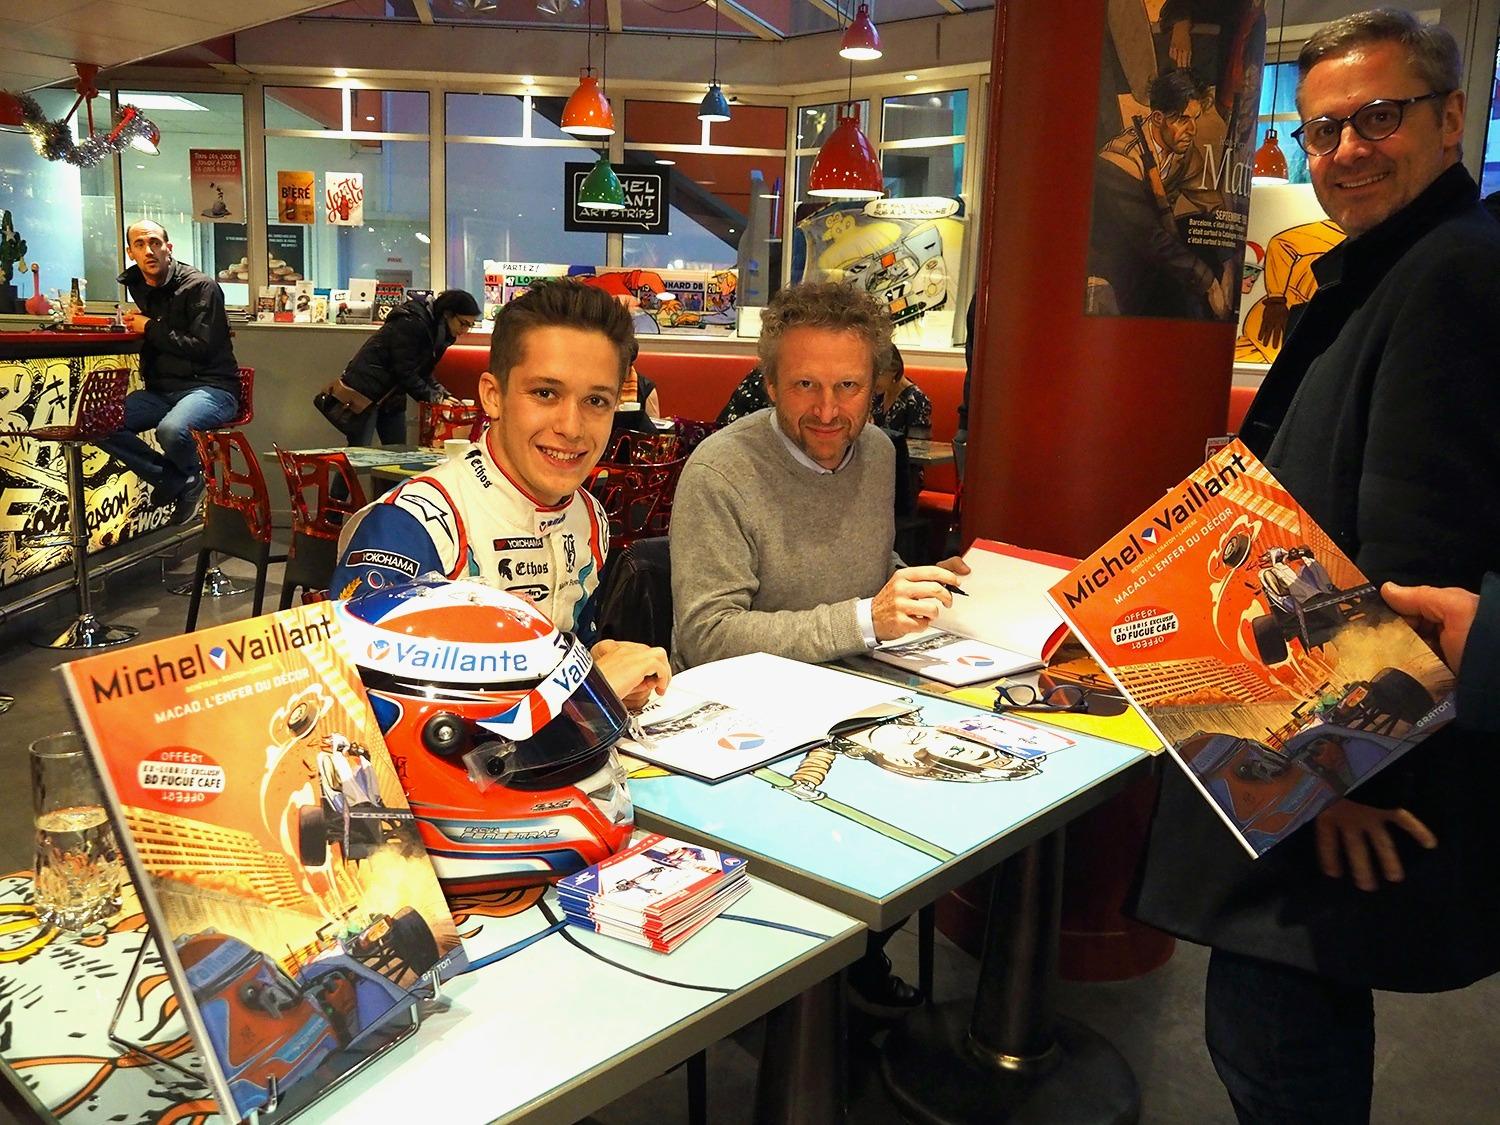 Sacha Fenestraz, Philippe Graton / « Michel Vaillant » Interviews de Philippe Graton / Sacha Fenestraz ©Jean-Luc Taillade